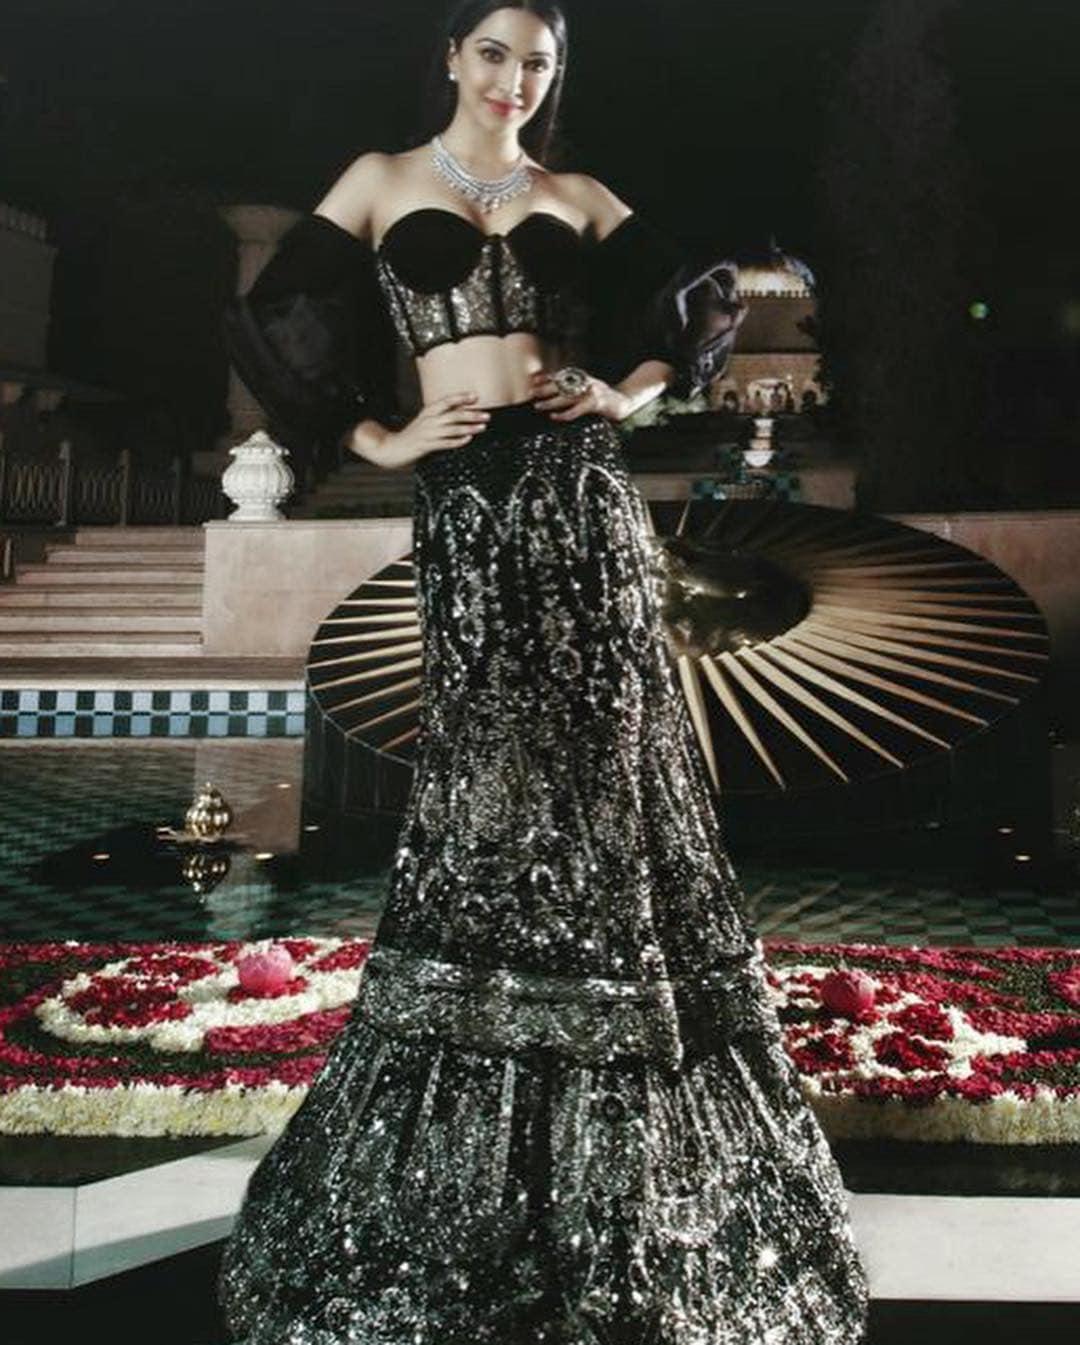 కైరా అద్వానీ హాట్ ఇన్స్టాగ్రామ్ ఫోటోస్